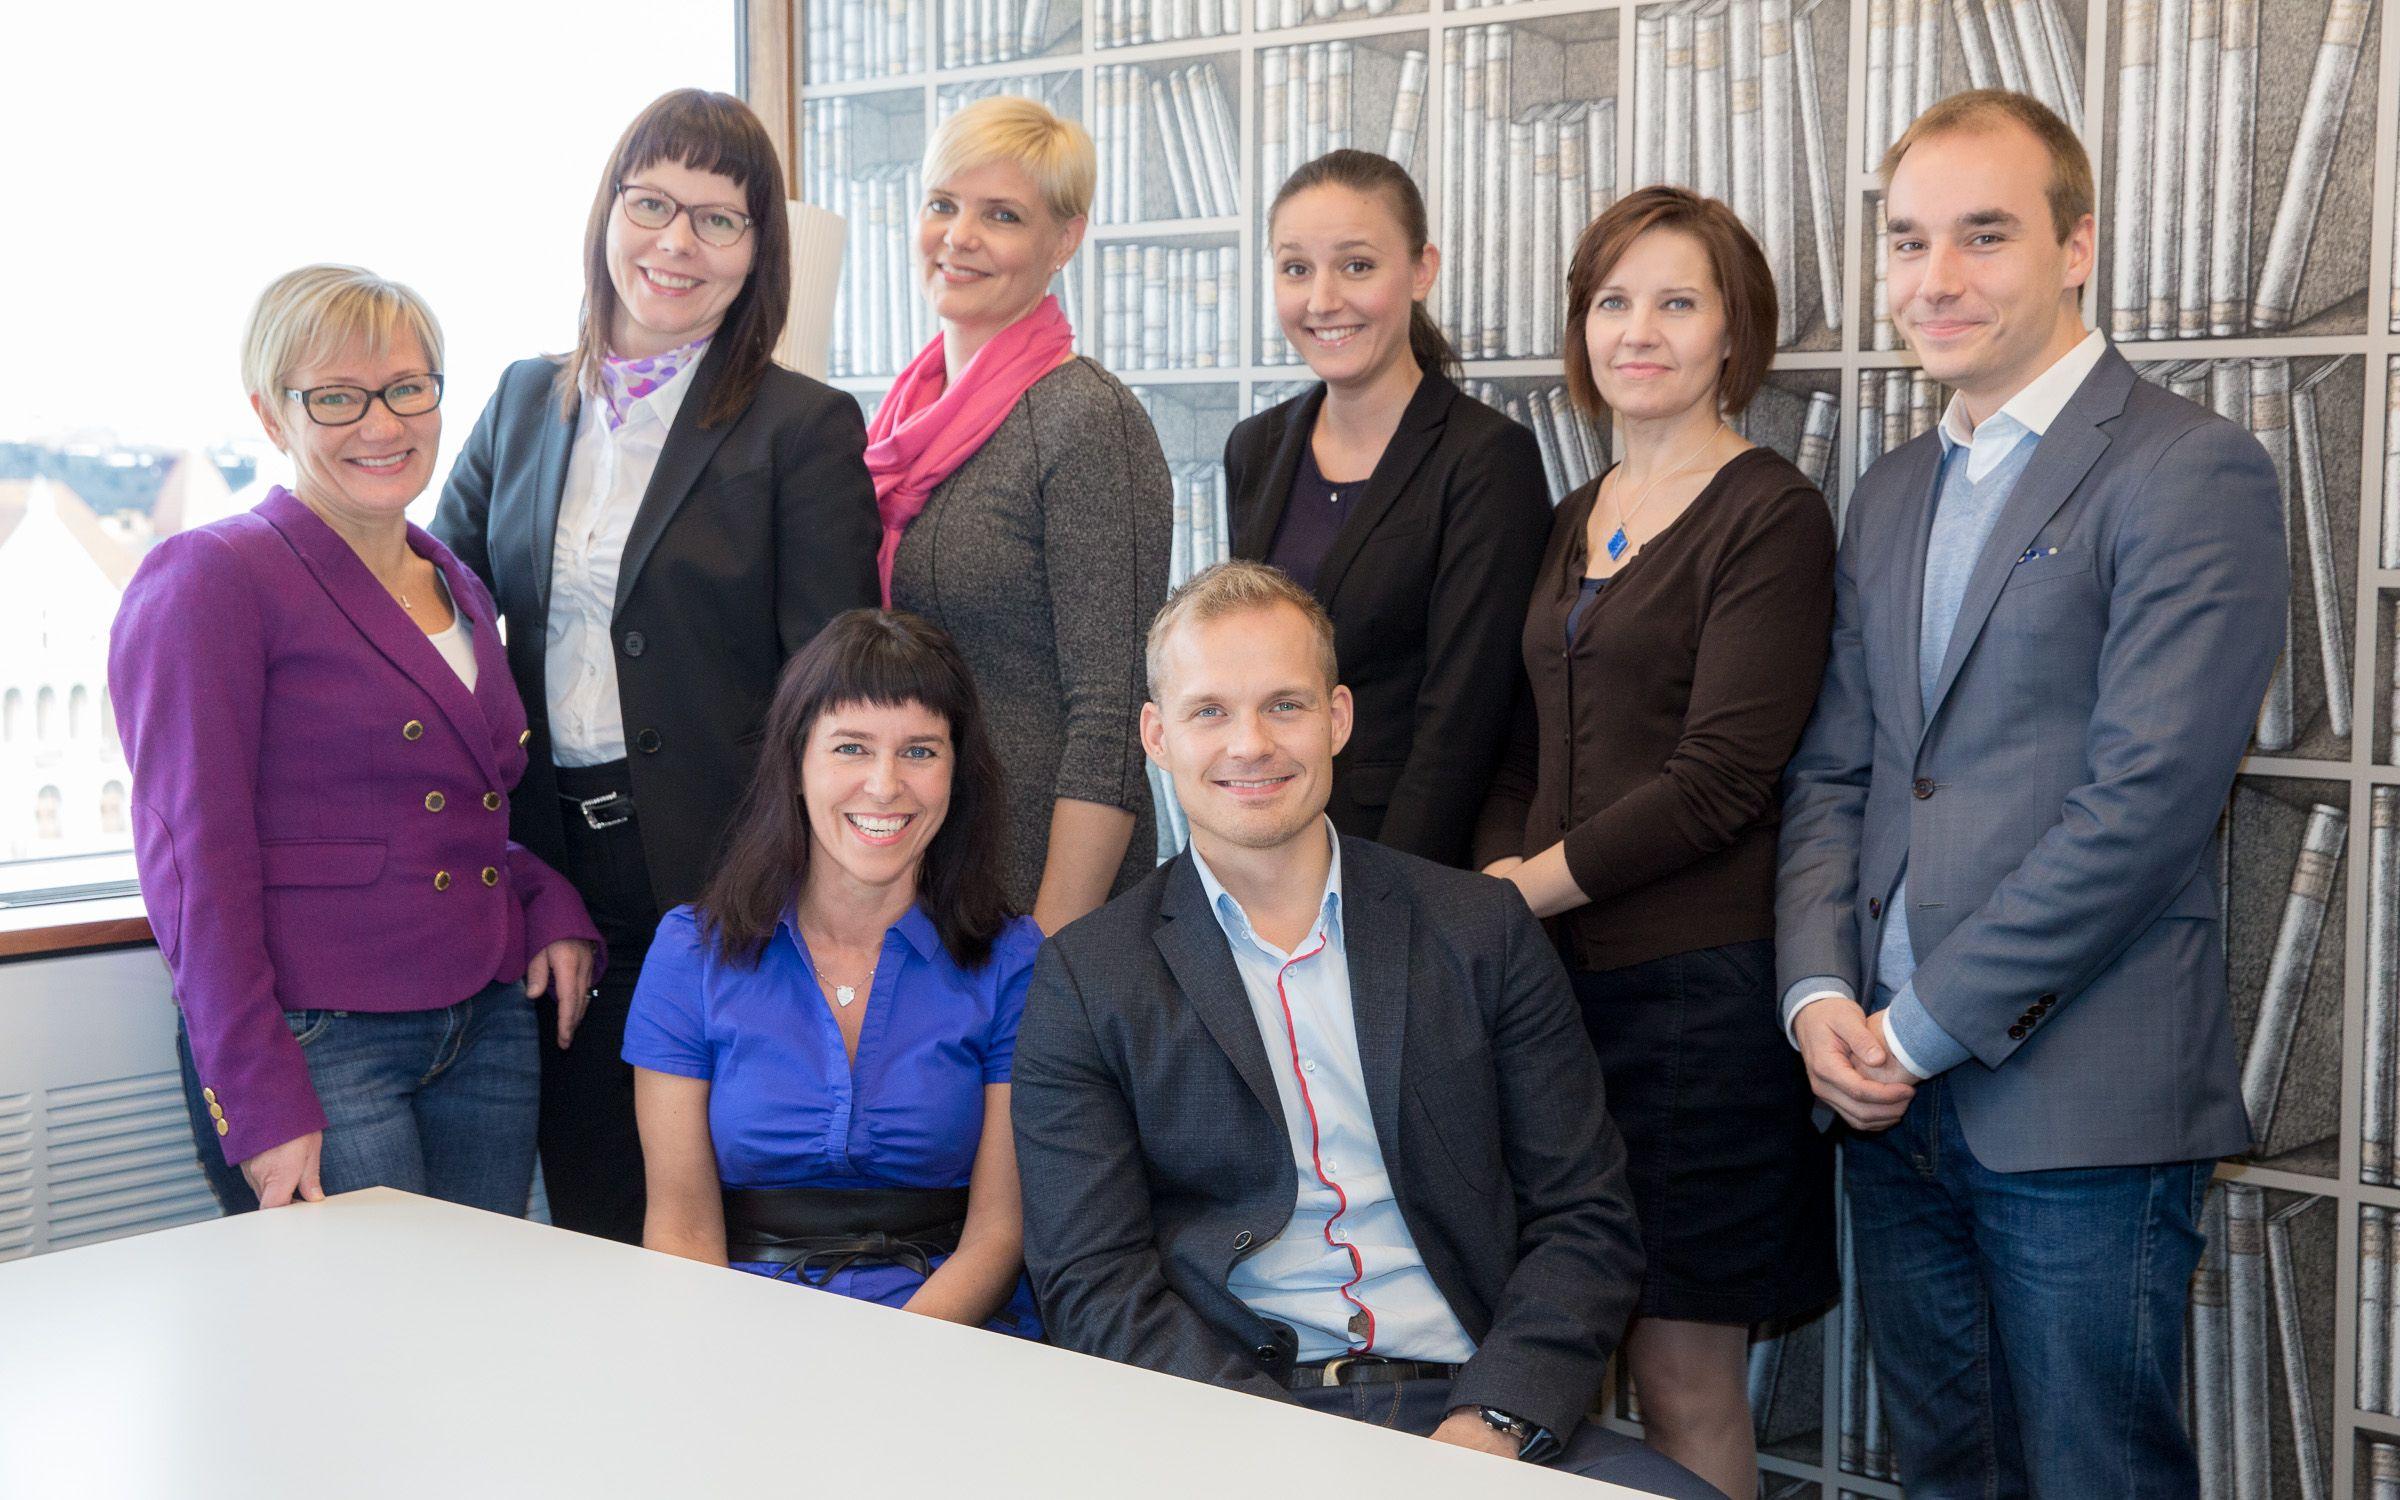 Kerrankin melkein kaikki konsultit samassa kuvassa! :)